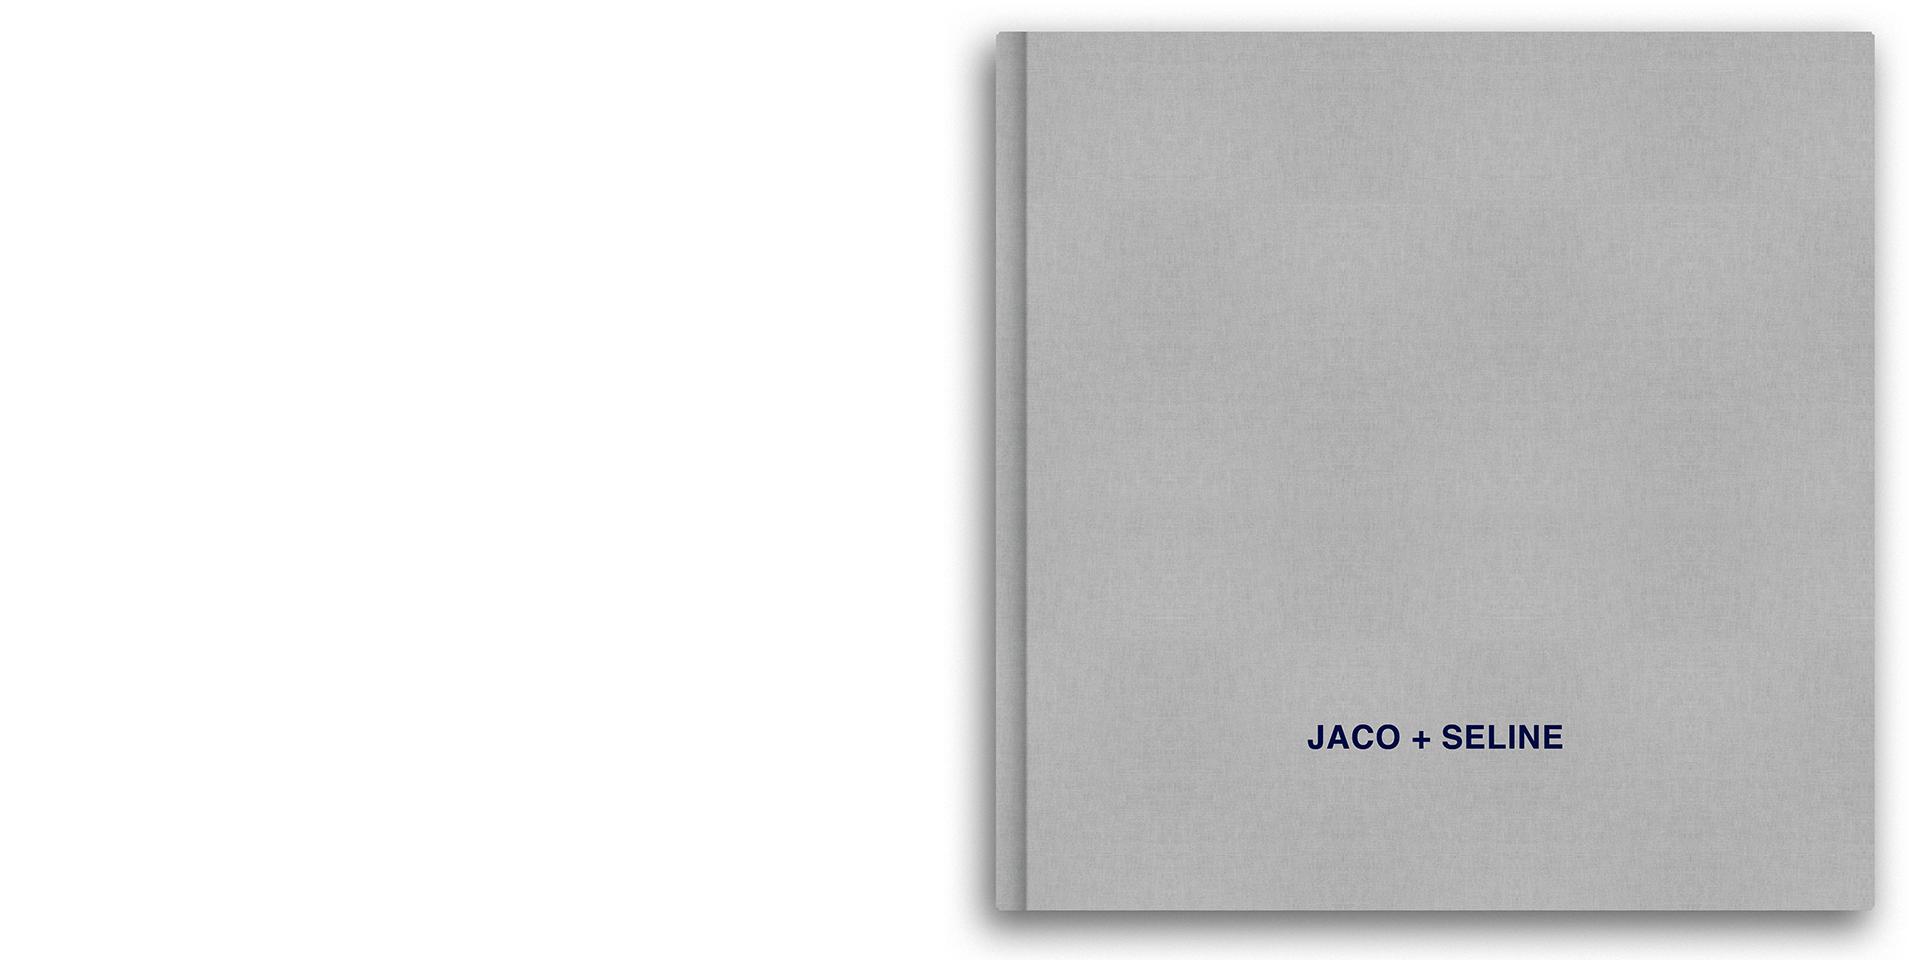 Jaco&Seline01.jpg